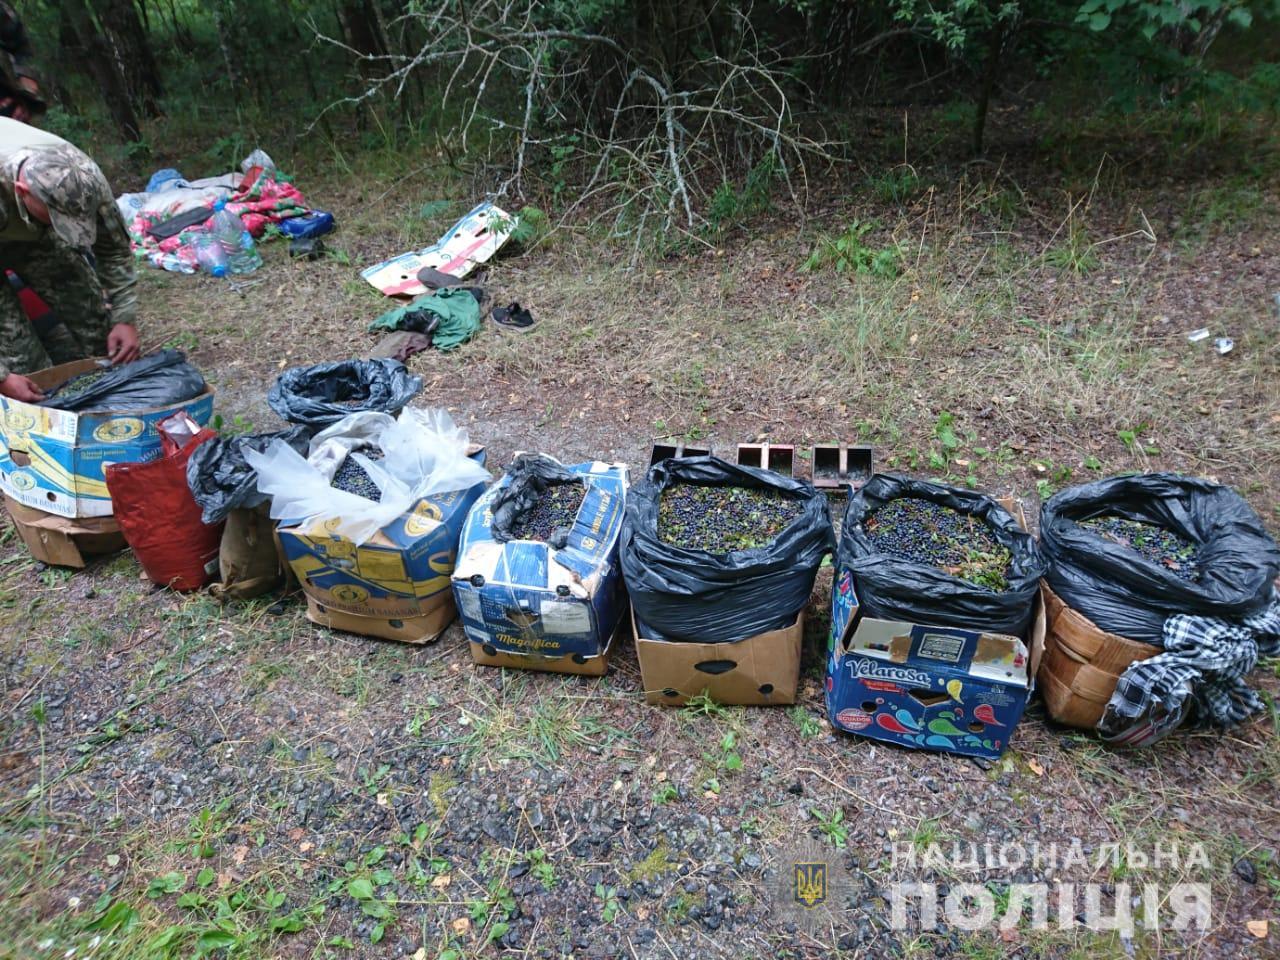 У збирачів в зоні відчуження ЧАЕС вилучено 300 кг ягід та 20 кг грибів - ЧАЕС, Поліція, Зона відчуження - yagodu1